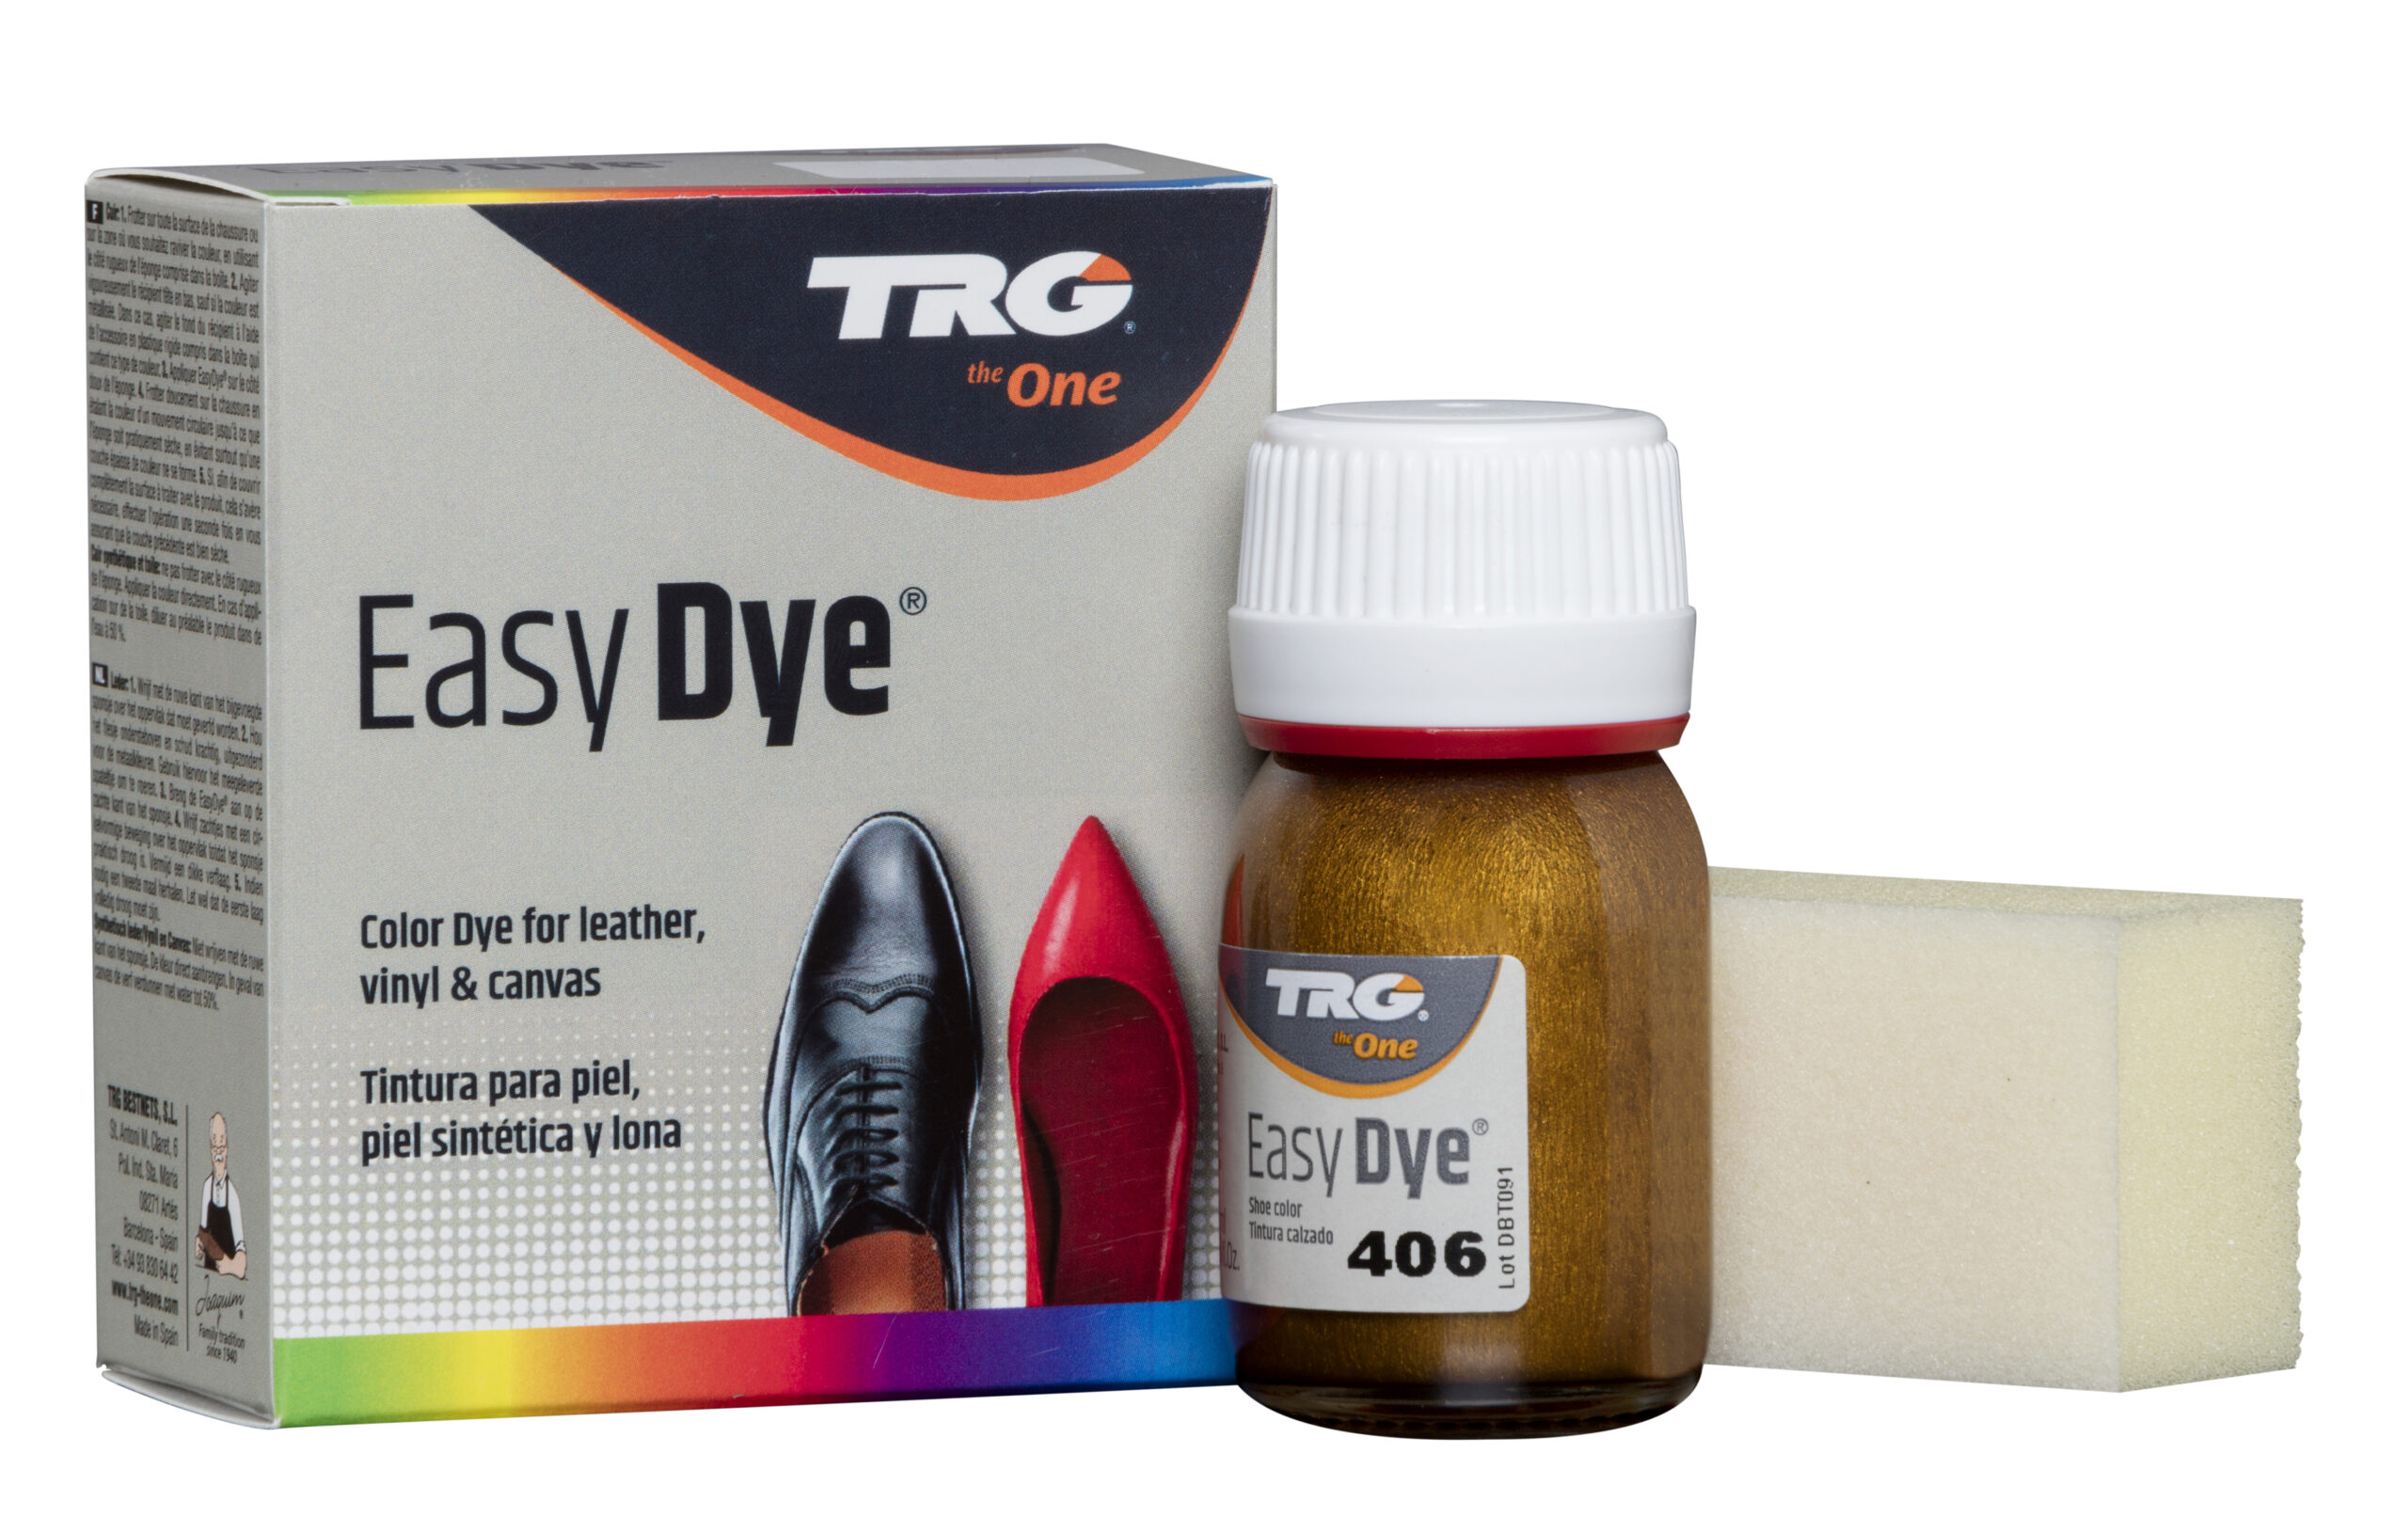 Compra on line pinturas fluorescentes y metálicas para tus zapatos, bolsos y sneakers